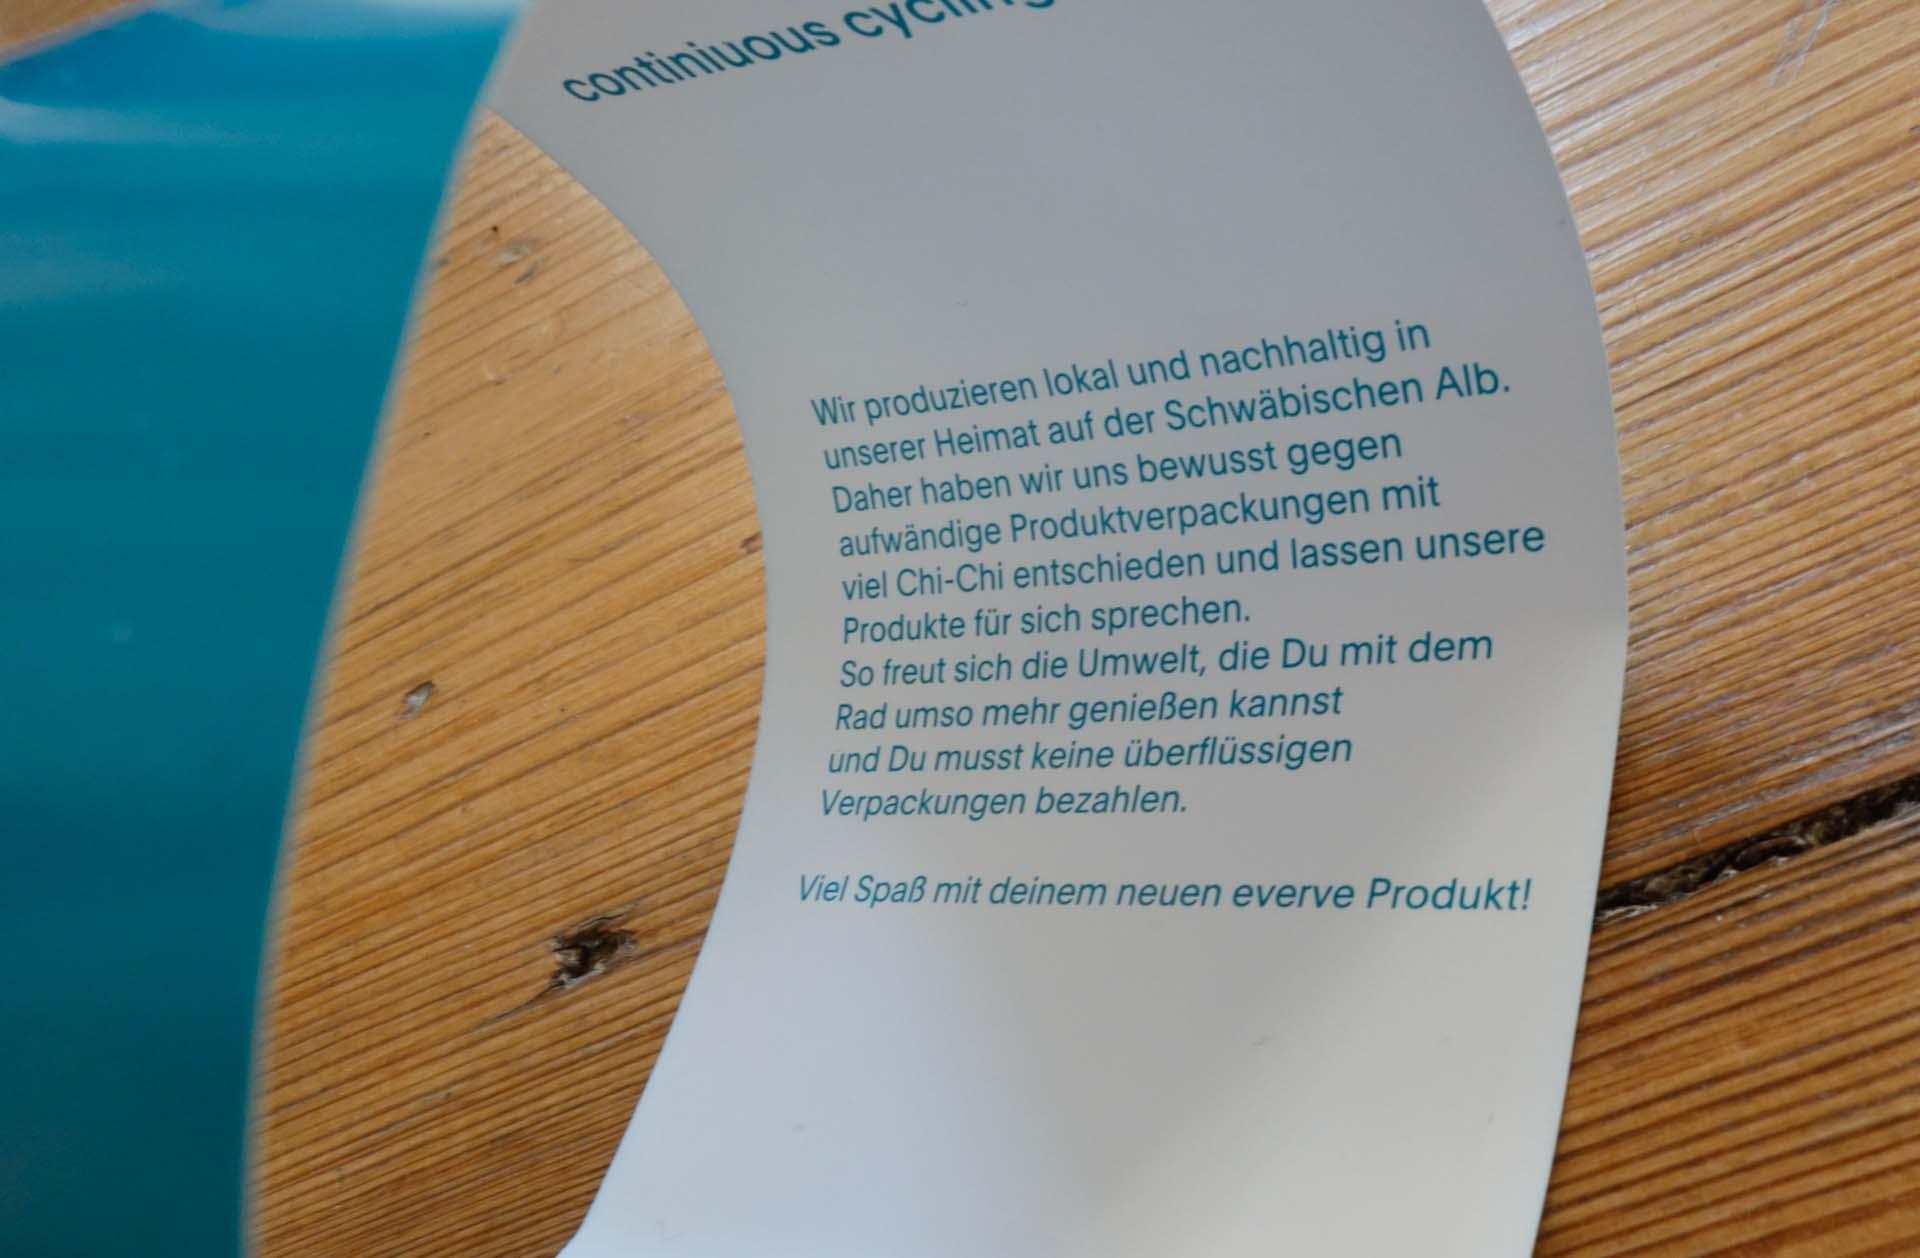 Papierbanderole, mehr an Verpackung braucht keiner